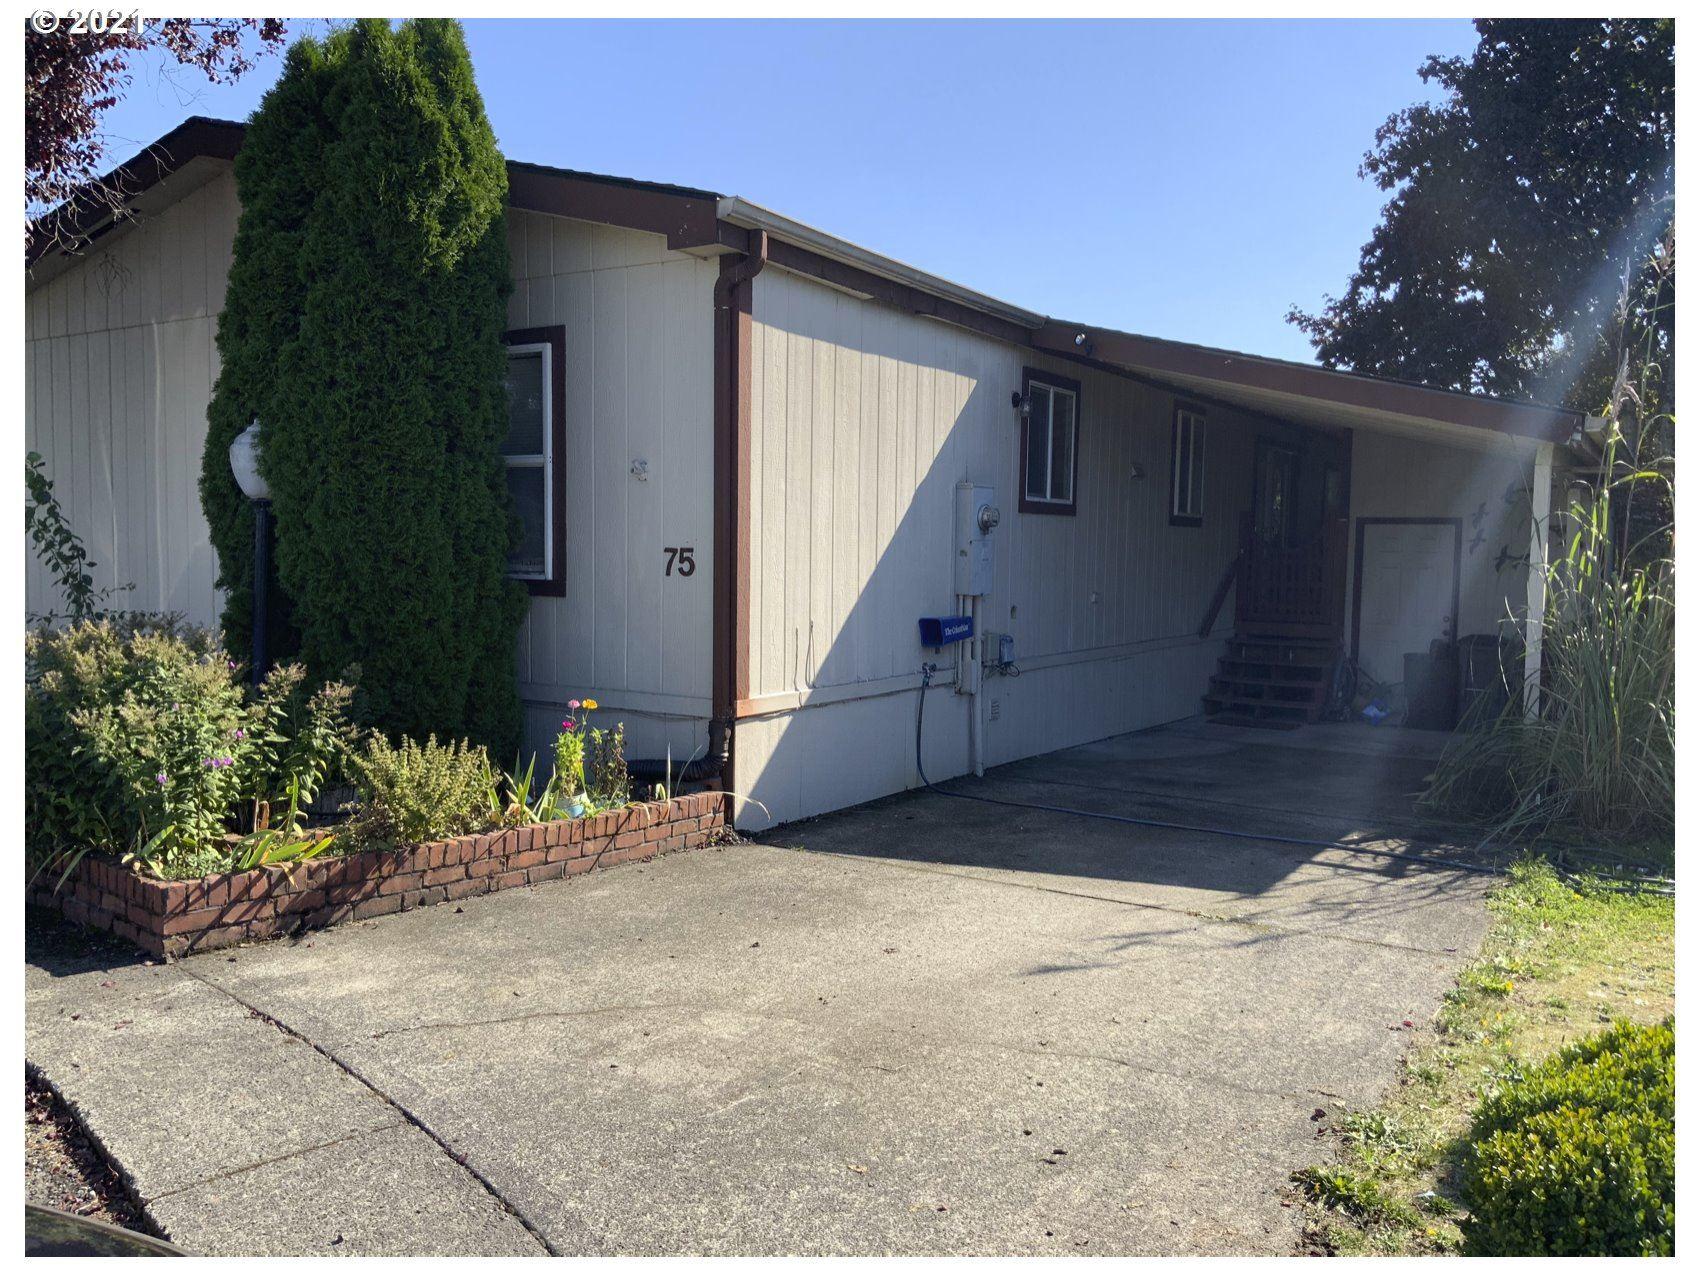 13217 NE 59TH ST #75, Vancouver, WA 98682 - MLS#: 21564043